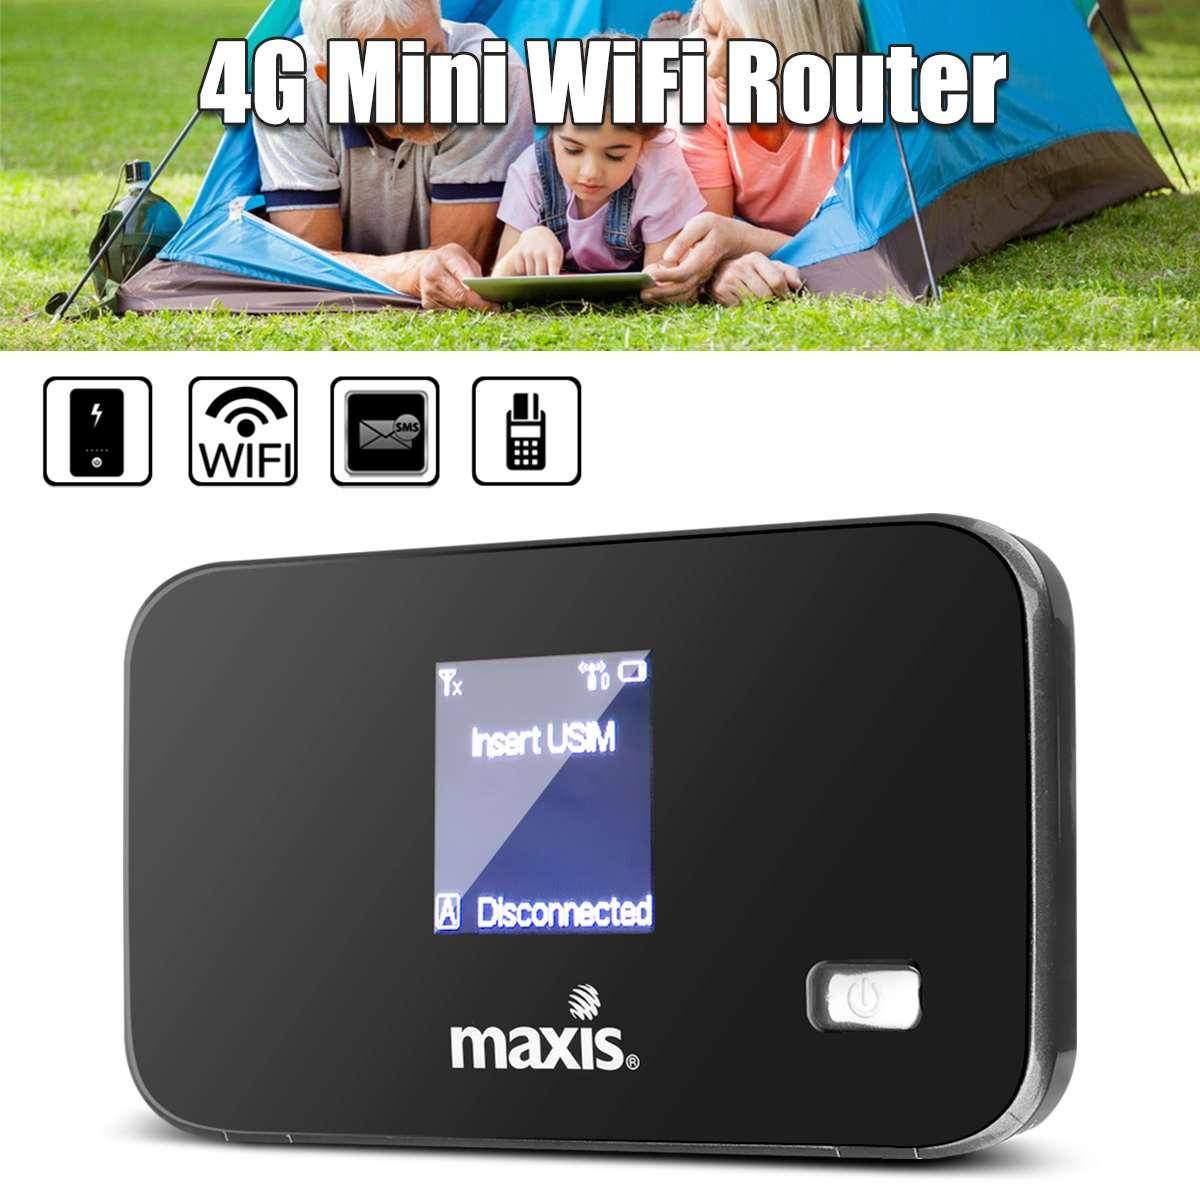 3G 4G LTE routeurs Portable sans fil Mobile Hotspot routeur SIM TF carte Slot pour téléphone Portable